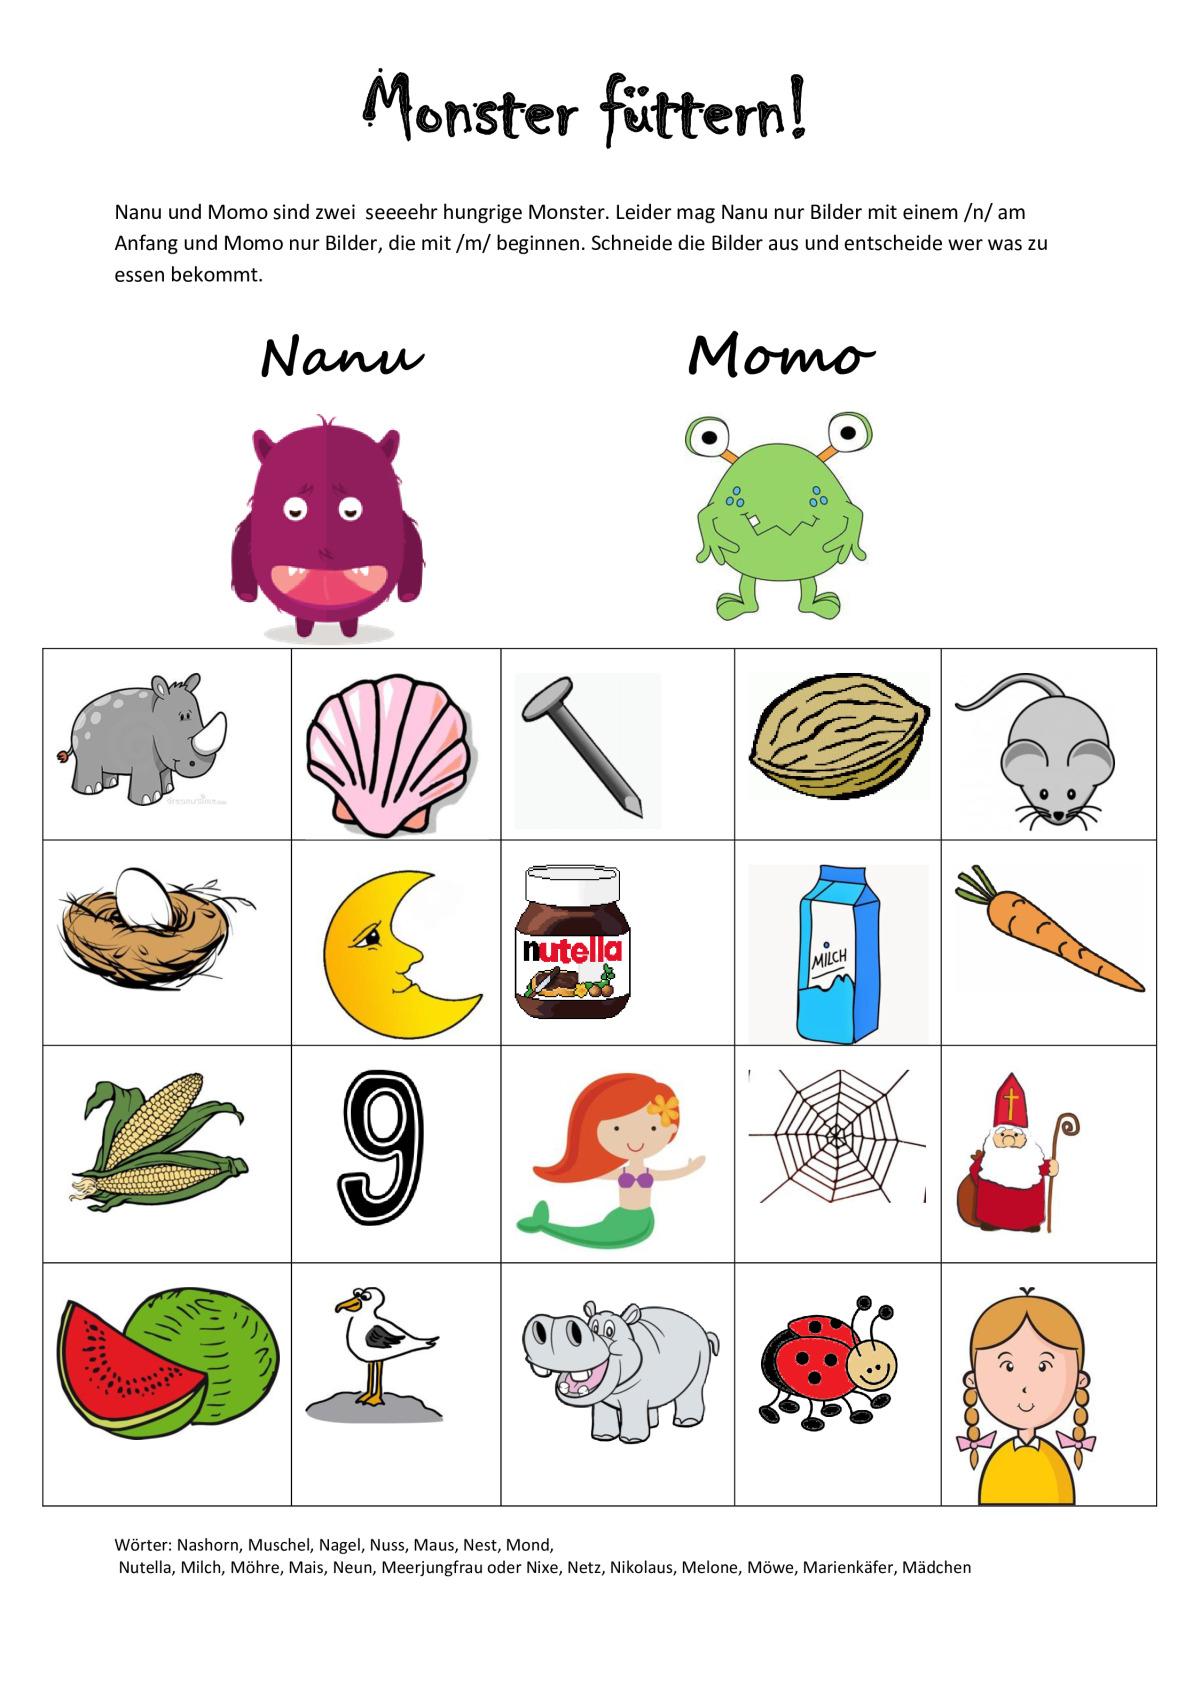 Sammlungen mit Monster füttern - Dyslalie - madoo.net